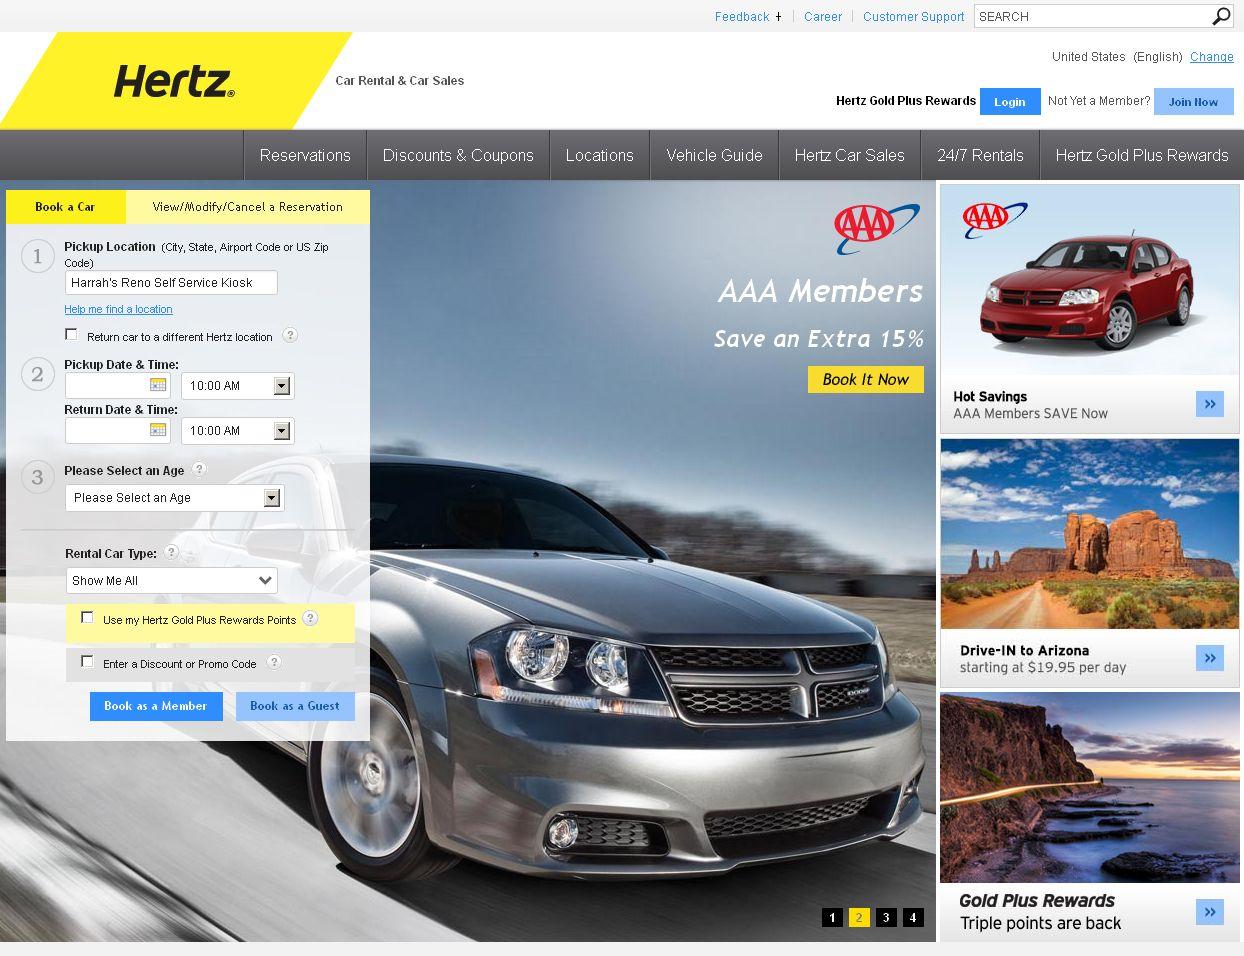 Hertz Rent A Car Car rental, Hertz car sales